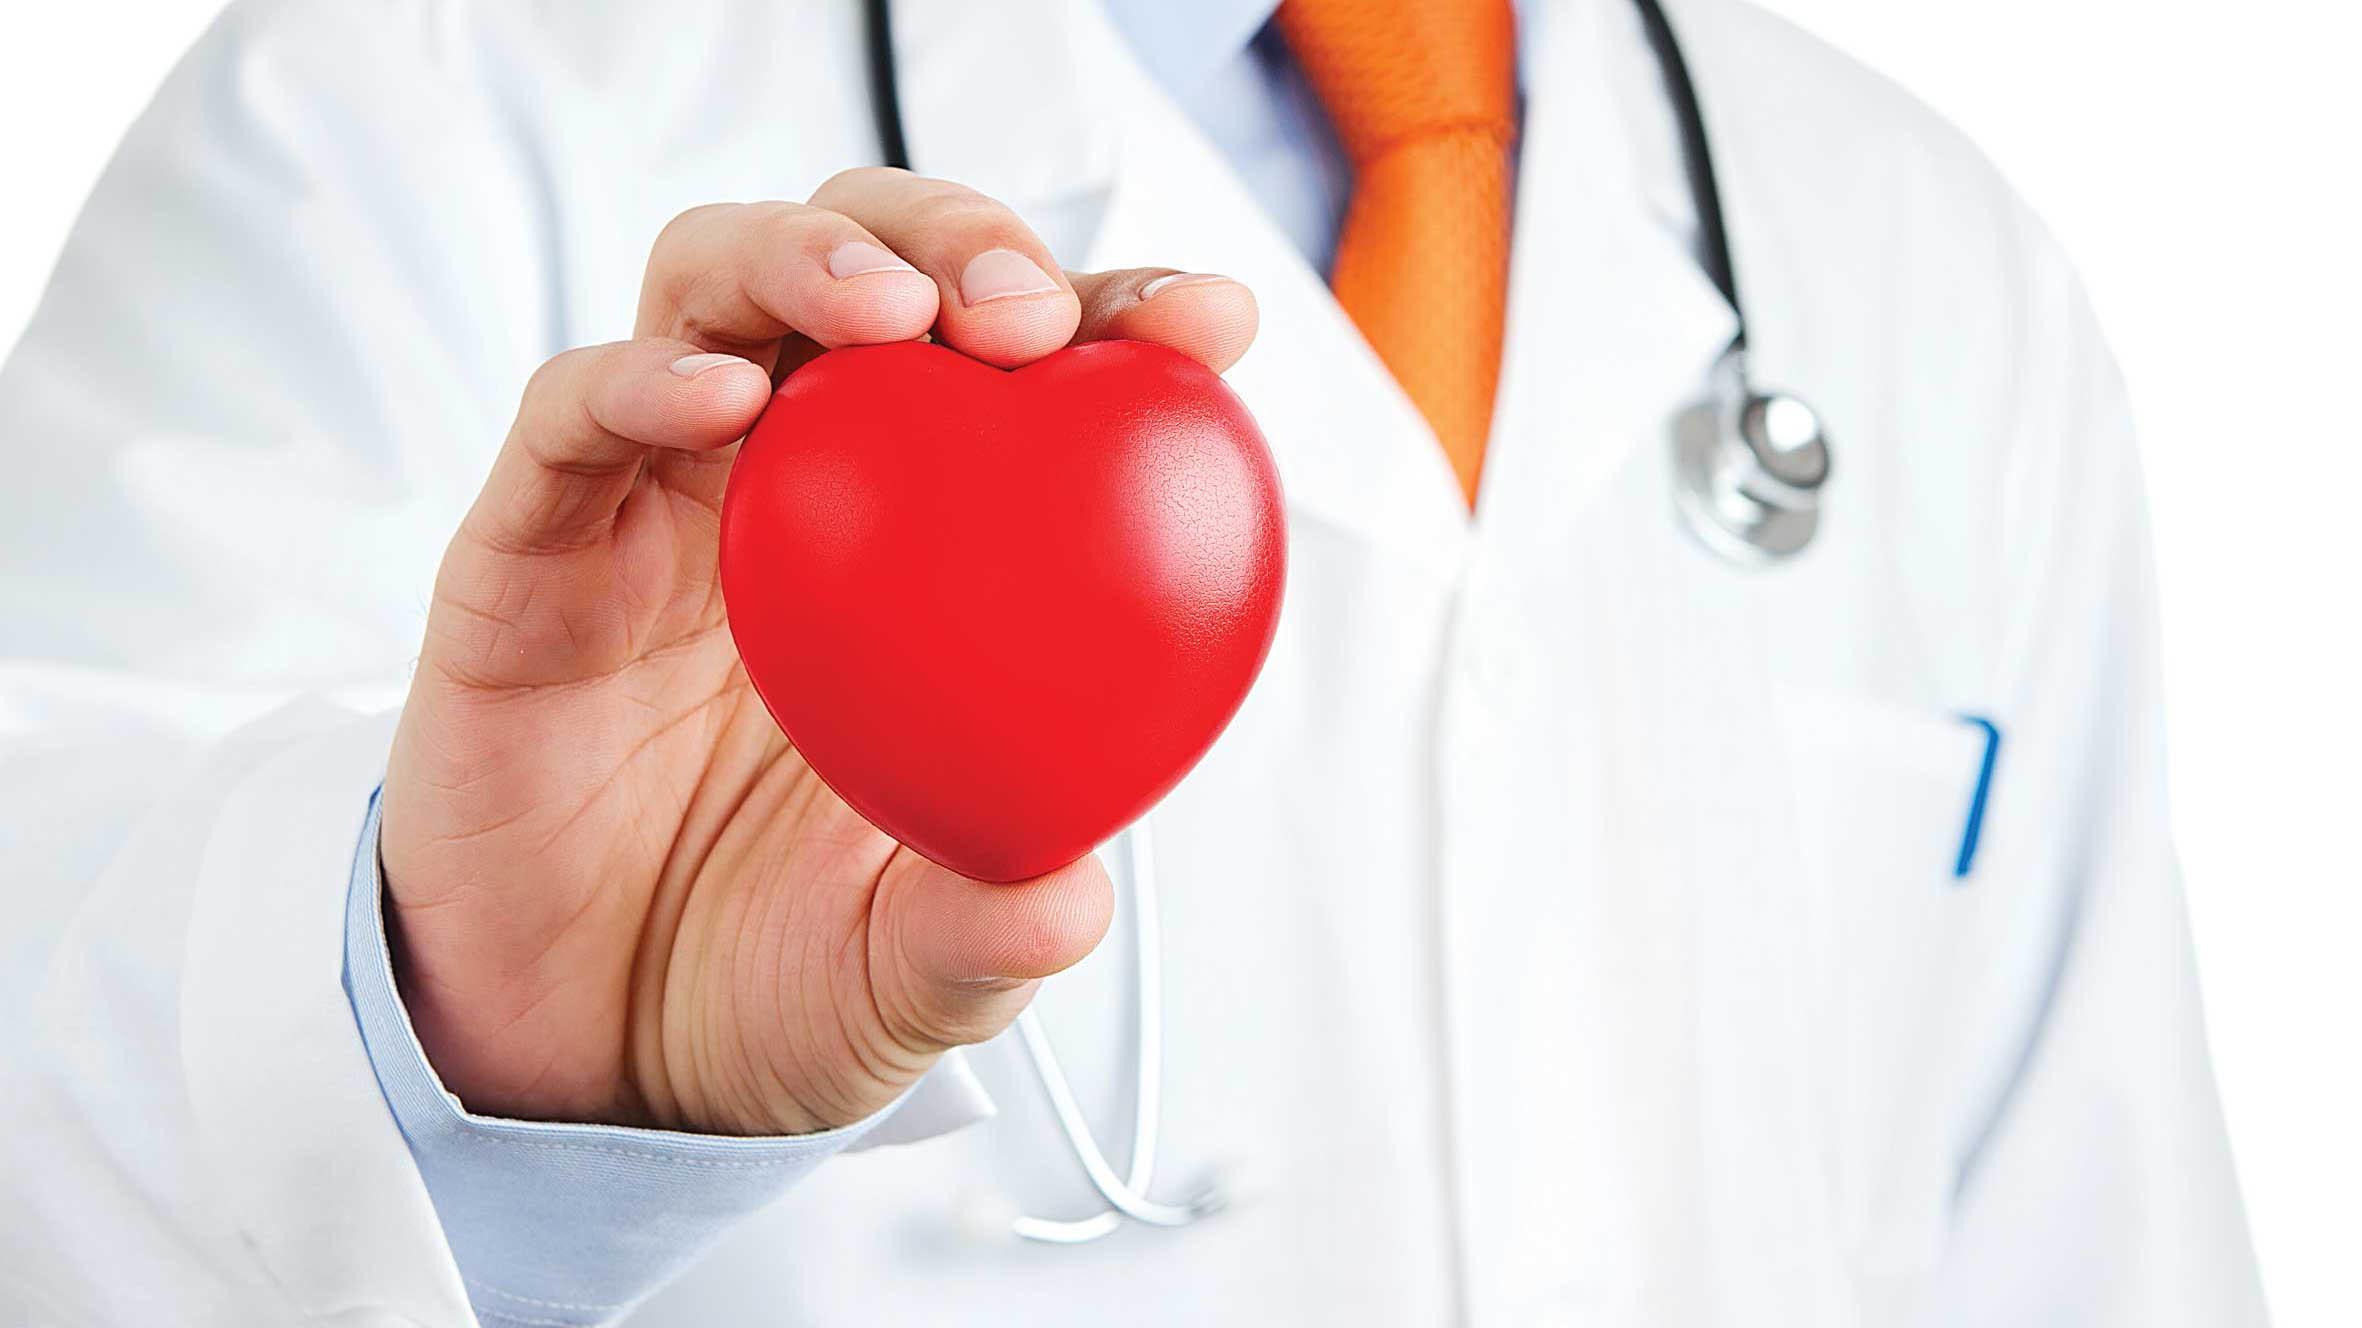 10 lời khuyên vàng để có trái tim khỏe mạnh